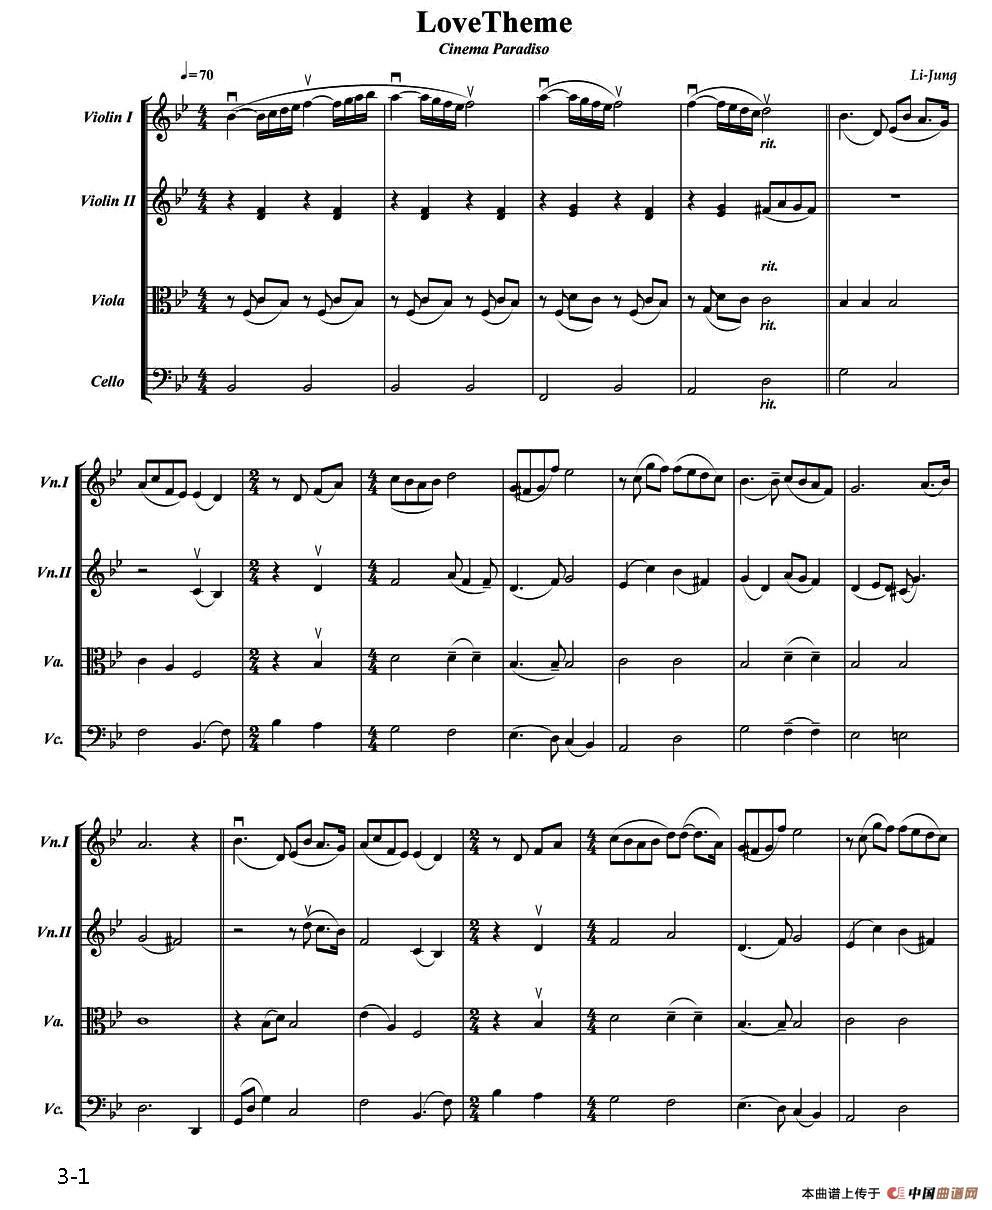 Love Theme提琴谱 弦乐四重奏 器乐乐谱 中国曲谱网